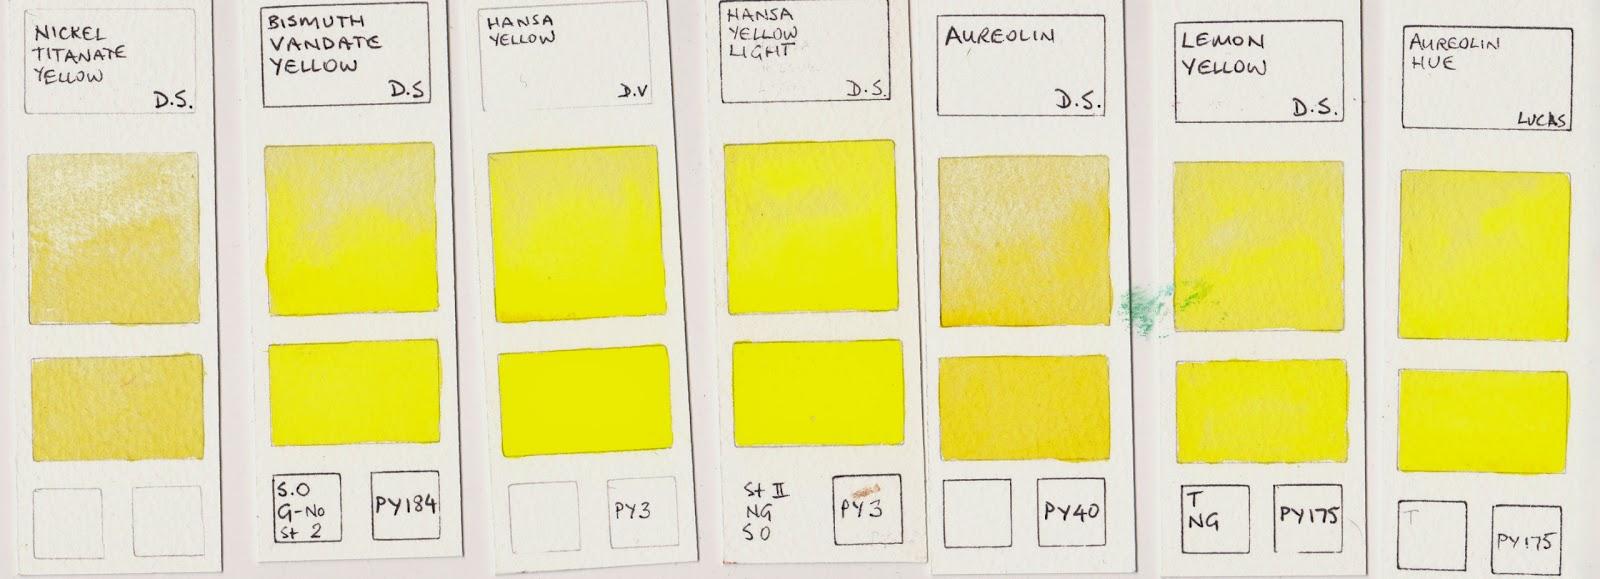 Cadmium yellow vs lemon yellow dress